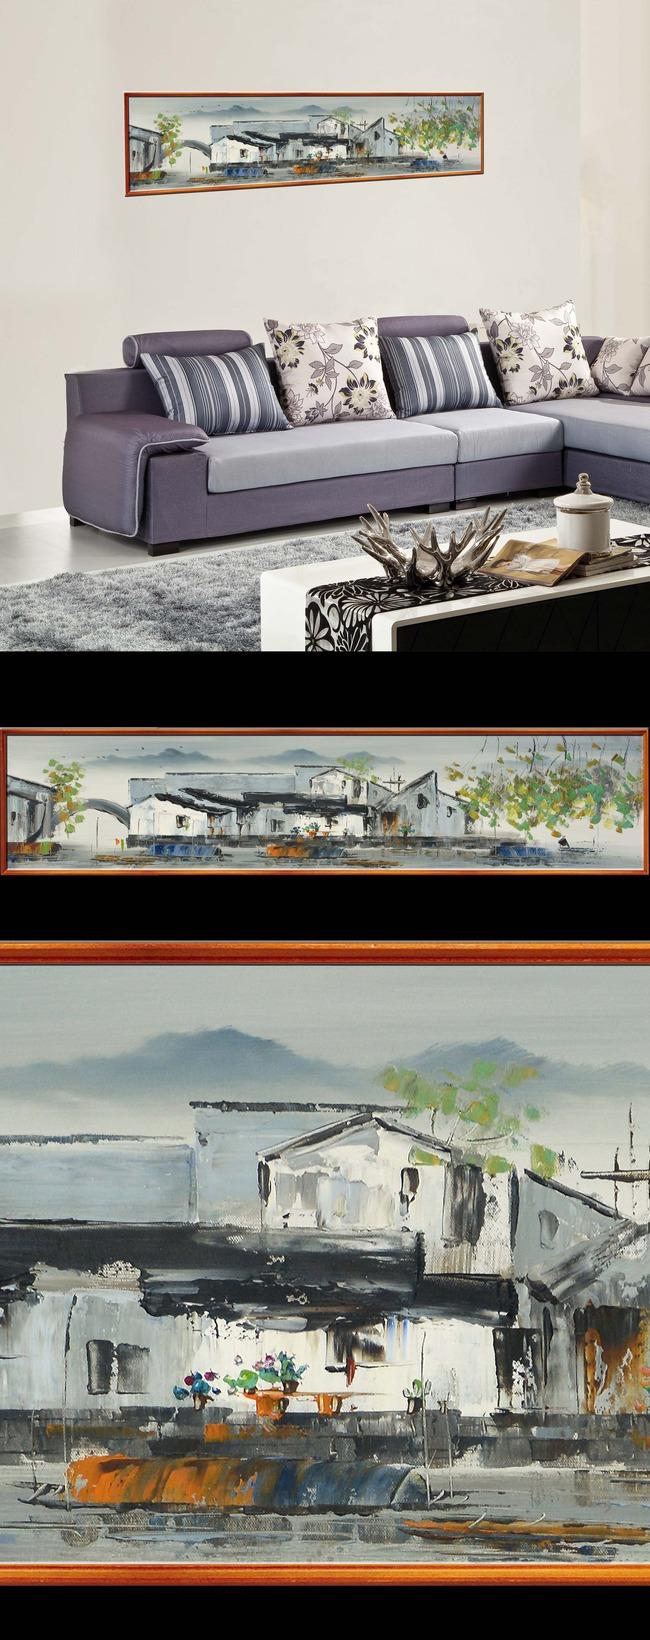 背景墙|装饰画 壁画 手绘壁画 > 现代中式小清新水墨彩色水上江南花